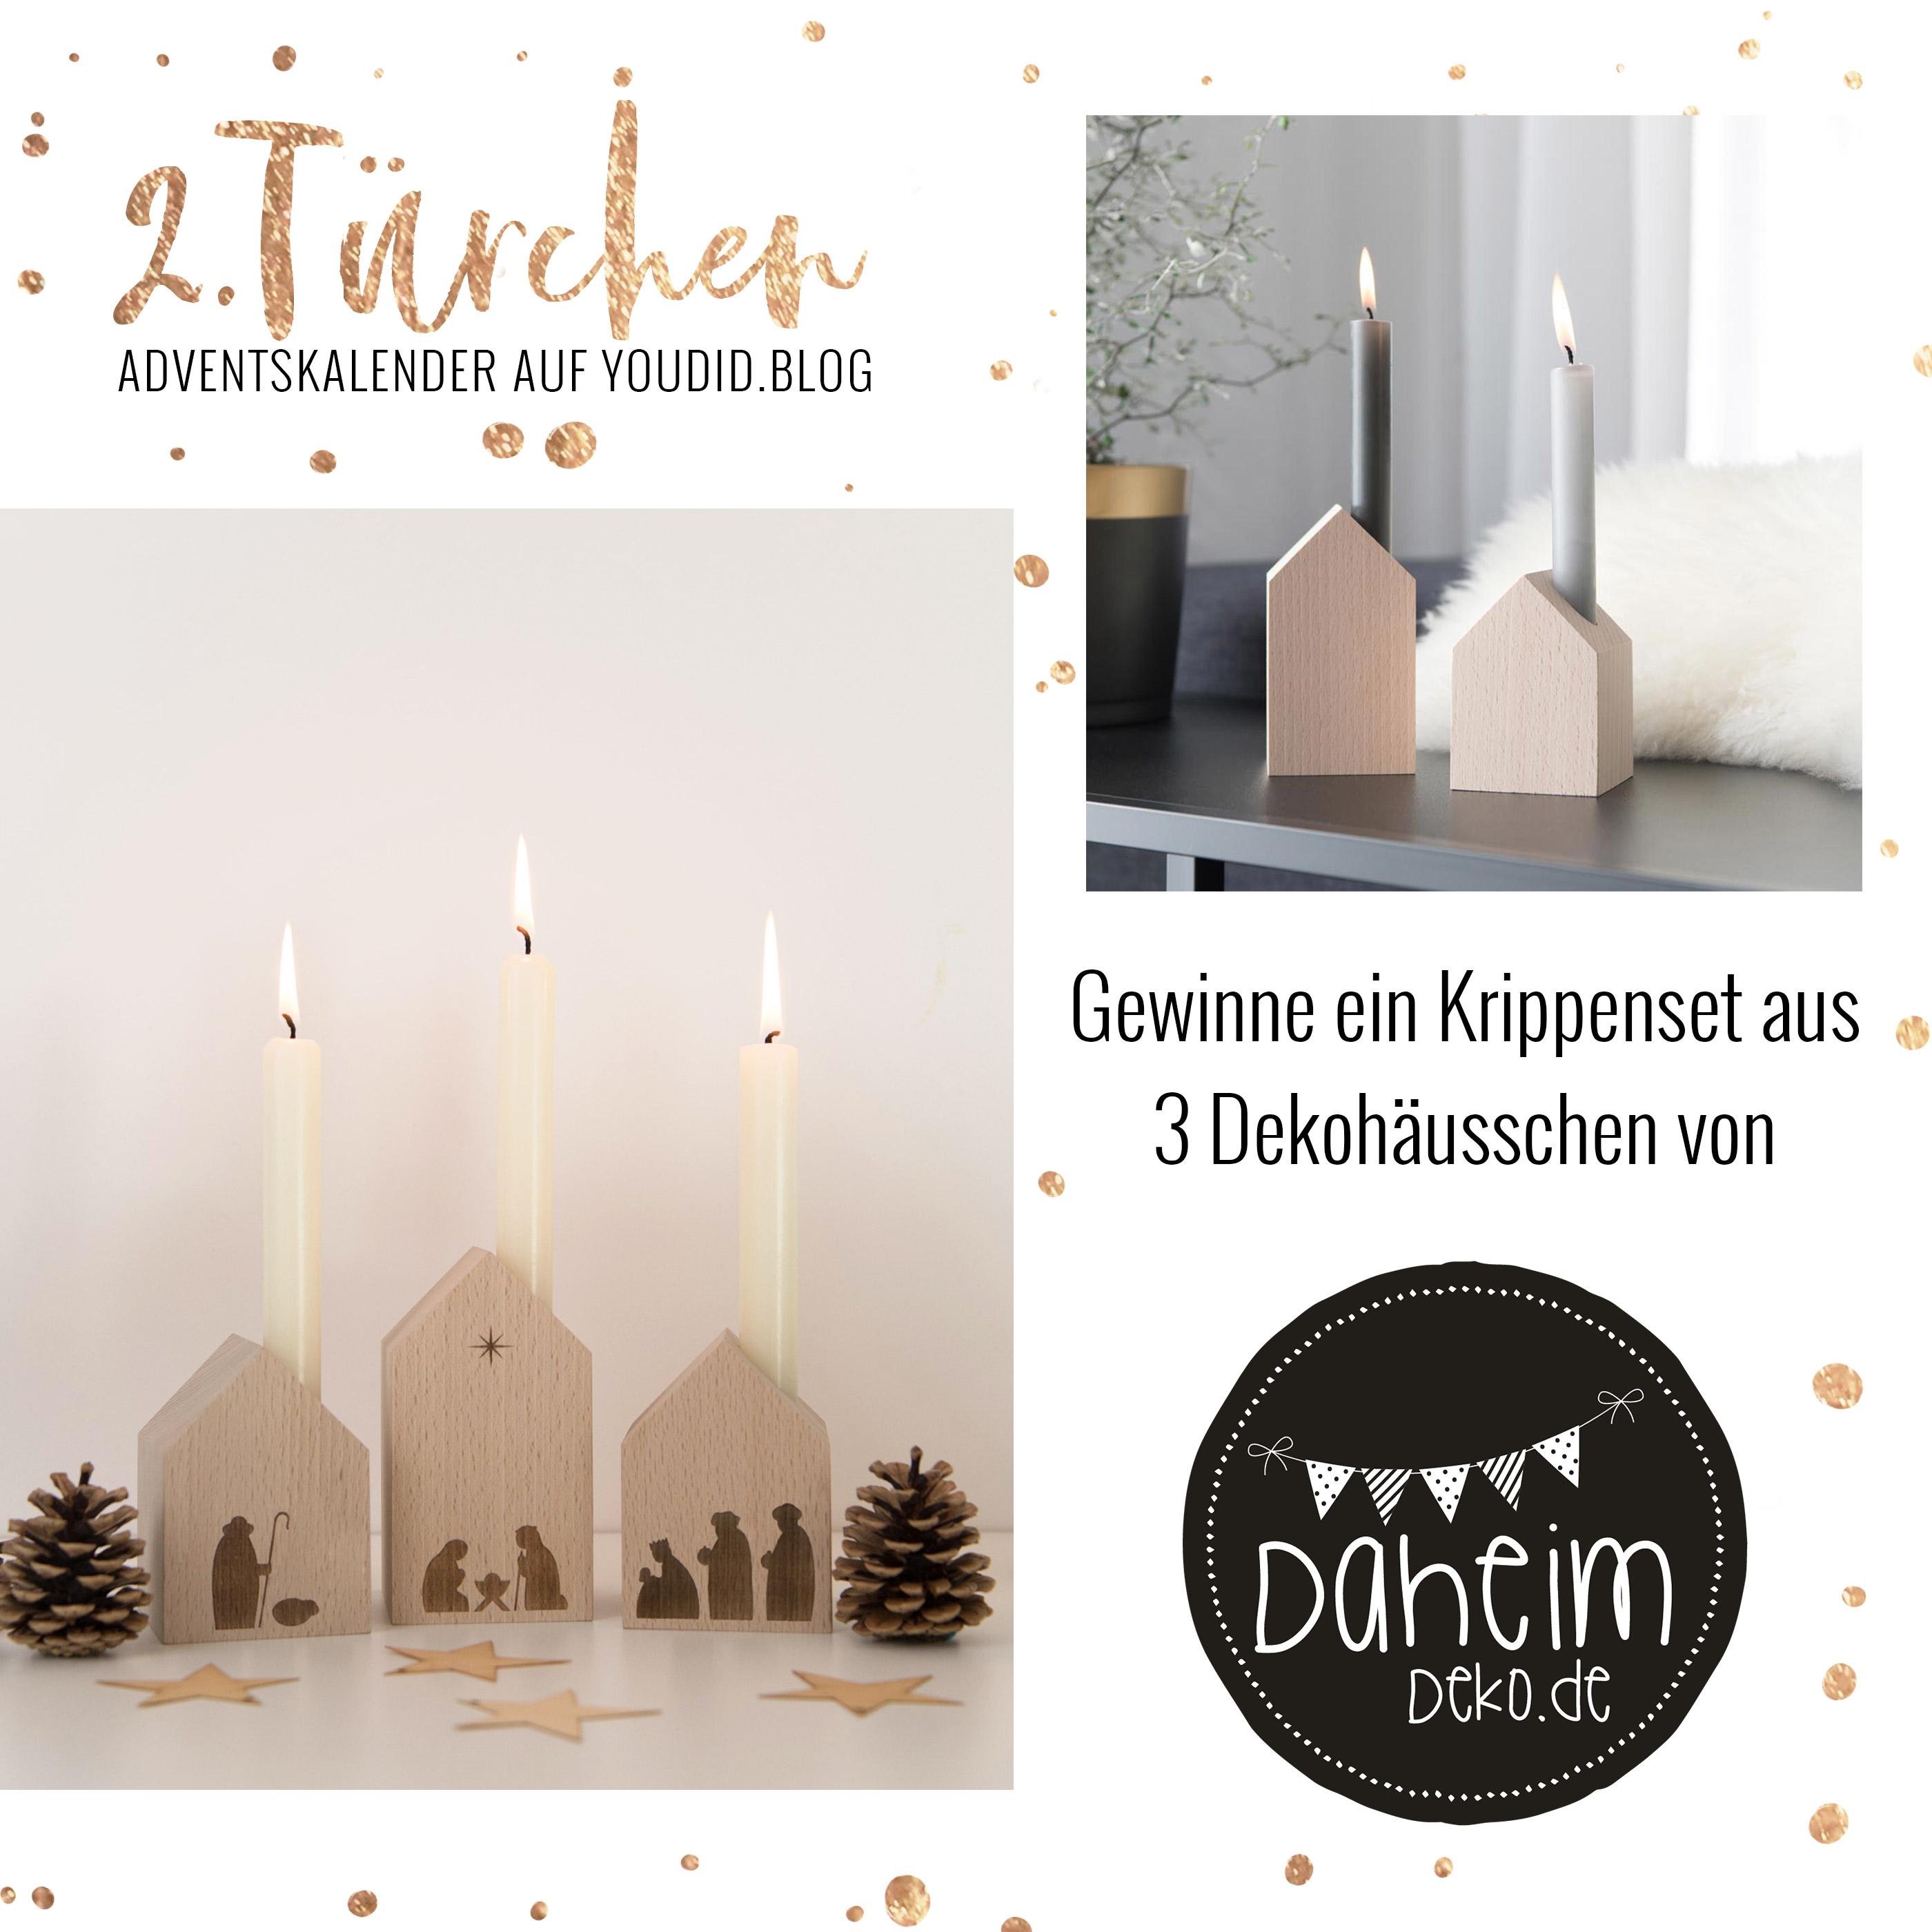 2. Türchen - Gewinne eine super moderne Krippe aus Holz von Daheim ...